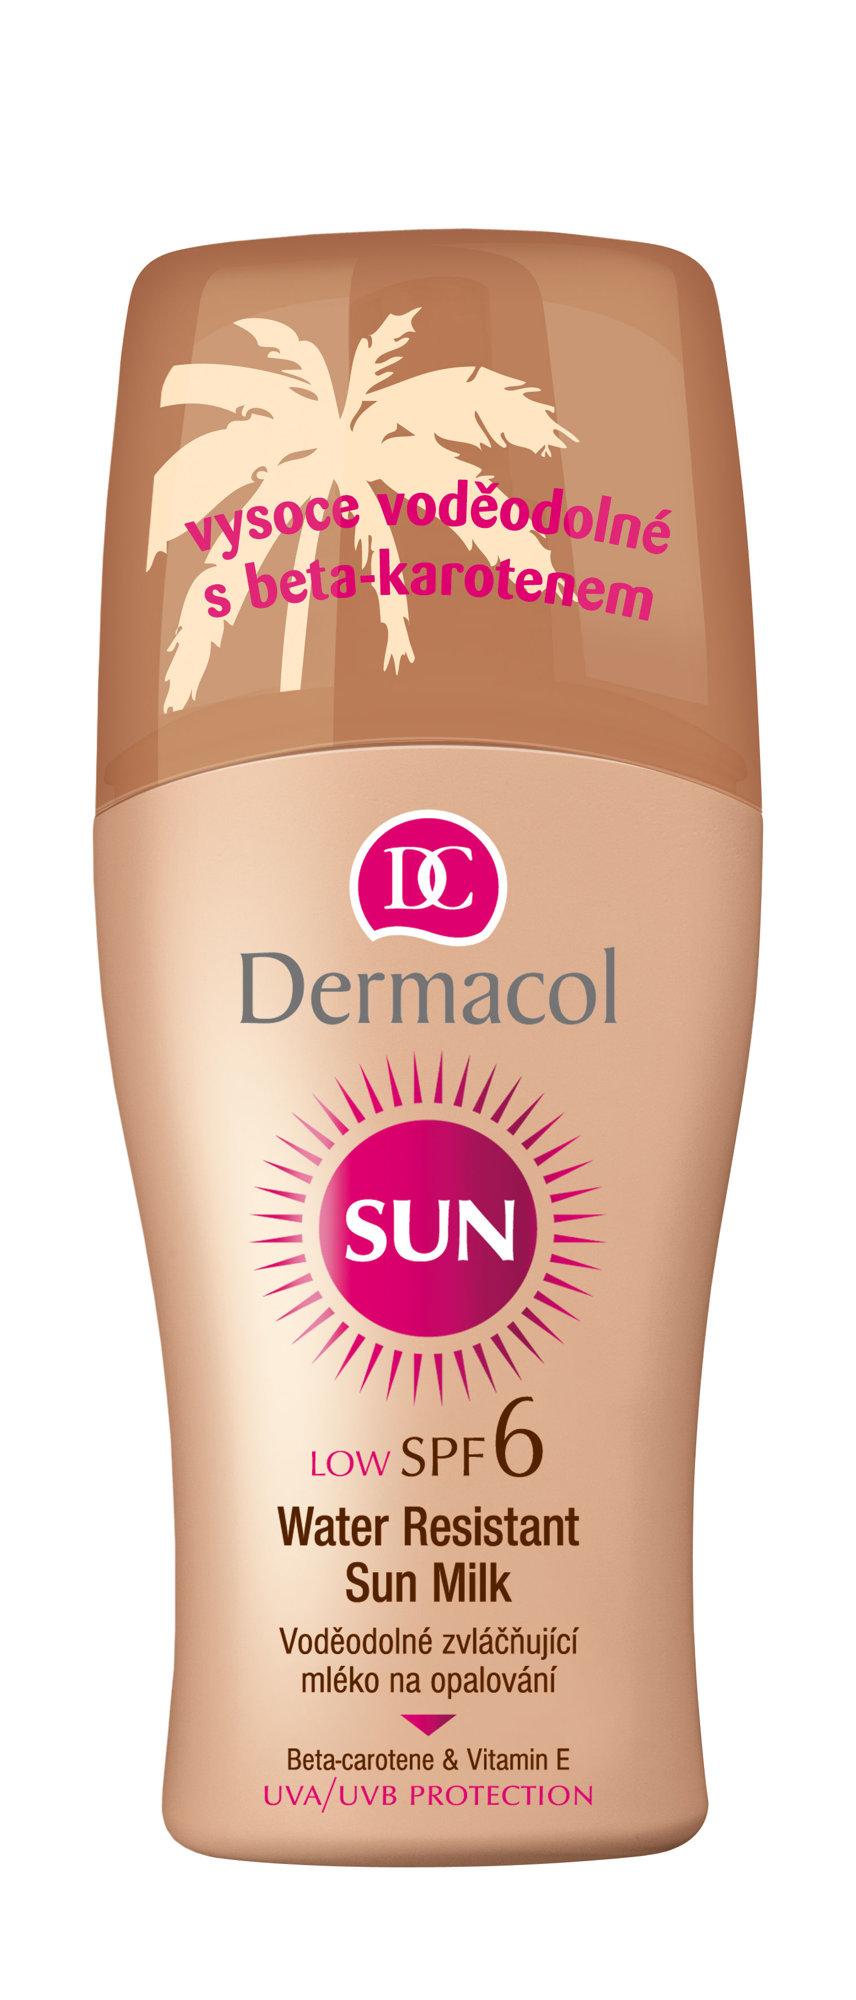 Apsaugai nuo saulės Dermacol Sun